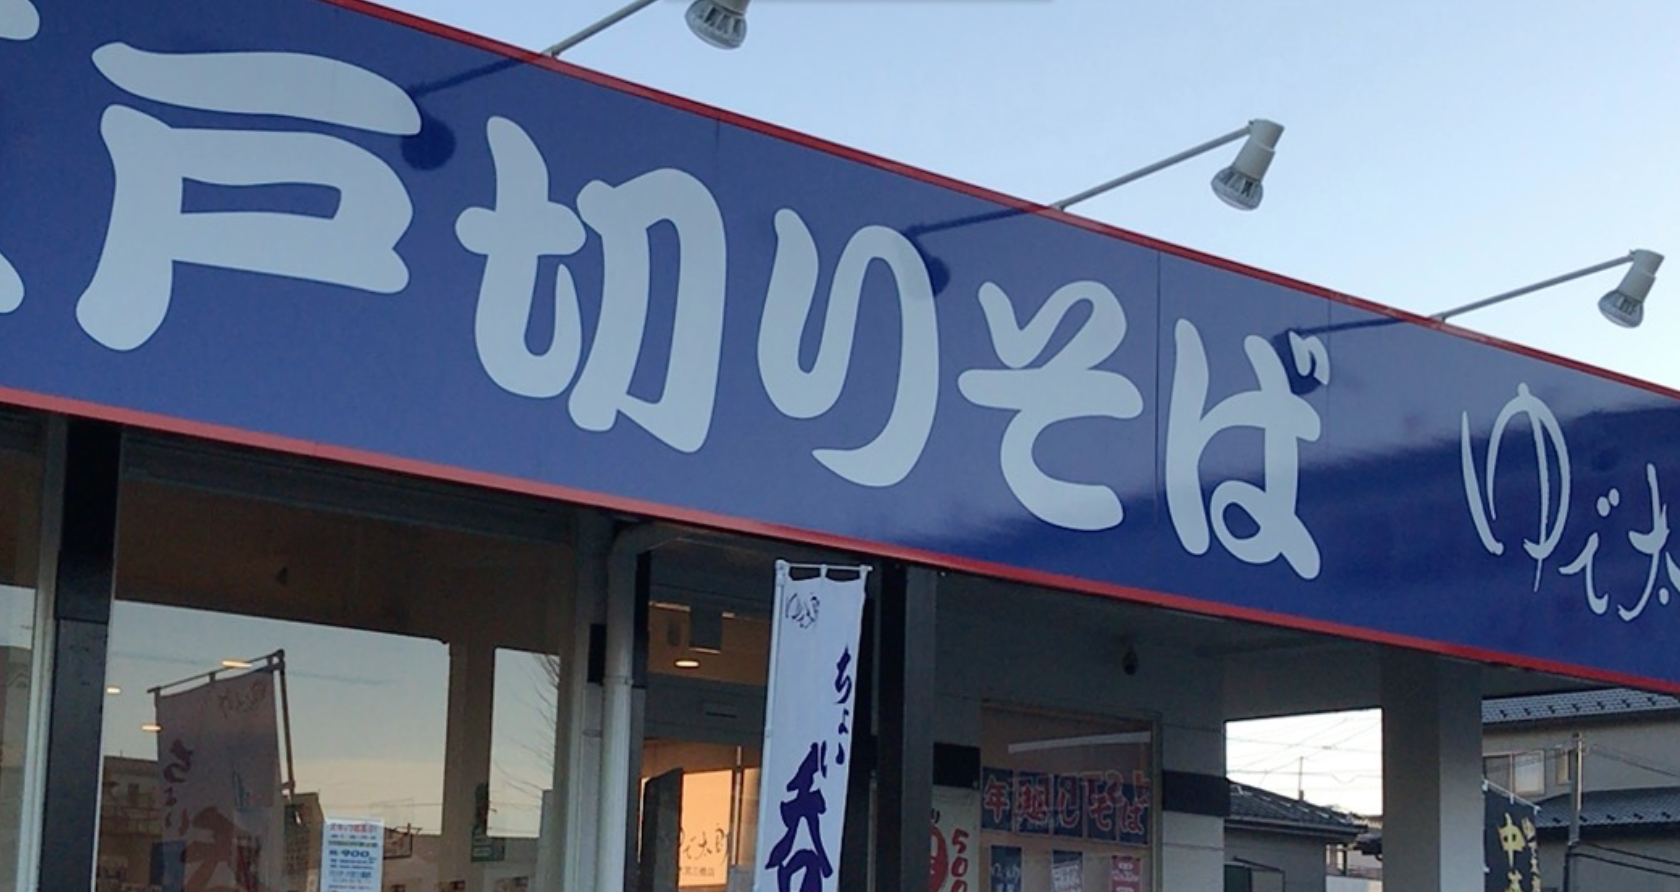 ゆで太郎で朝ごはん定食を食べてきた。朝そばセットの注文の仕方とお店の使い方。朝食はおそばで決まりじゃない?